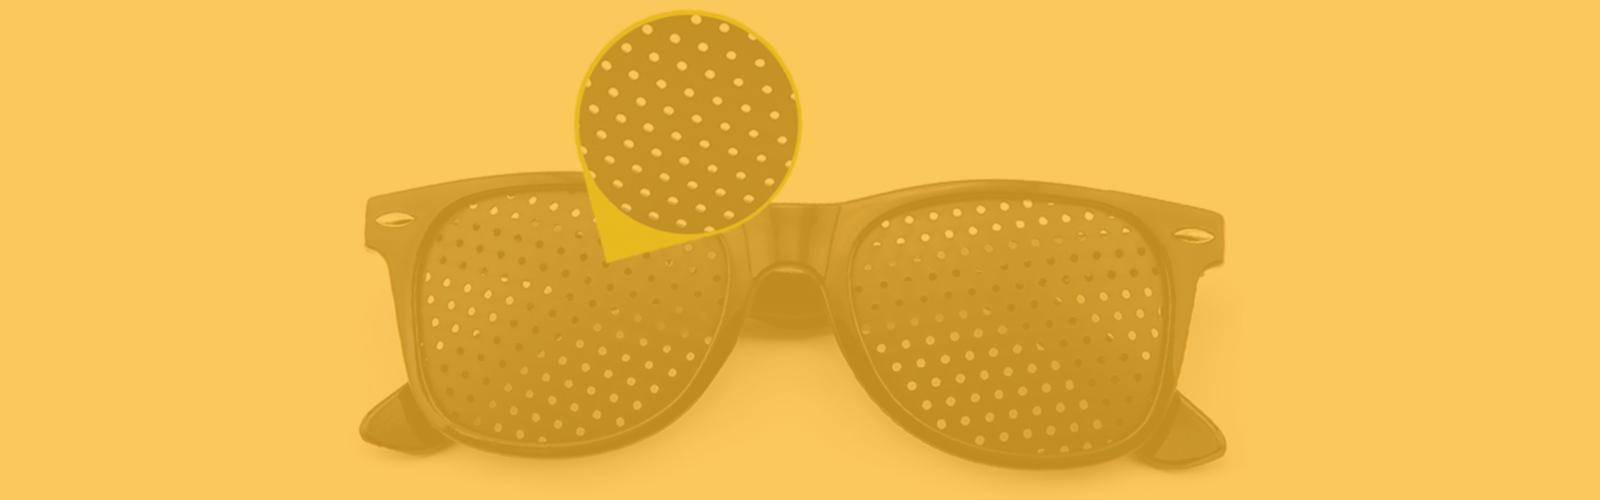 ¿Cómo elegir las gafas estenopeicas?